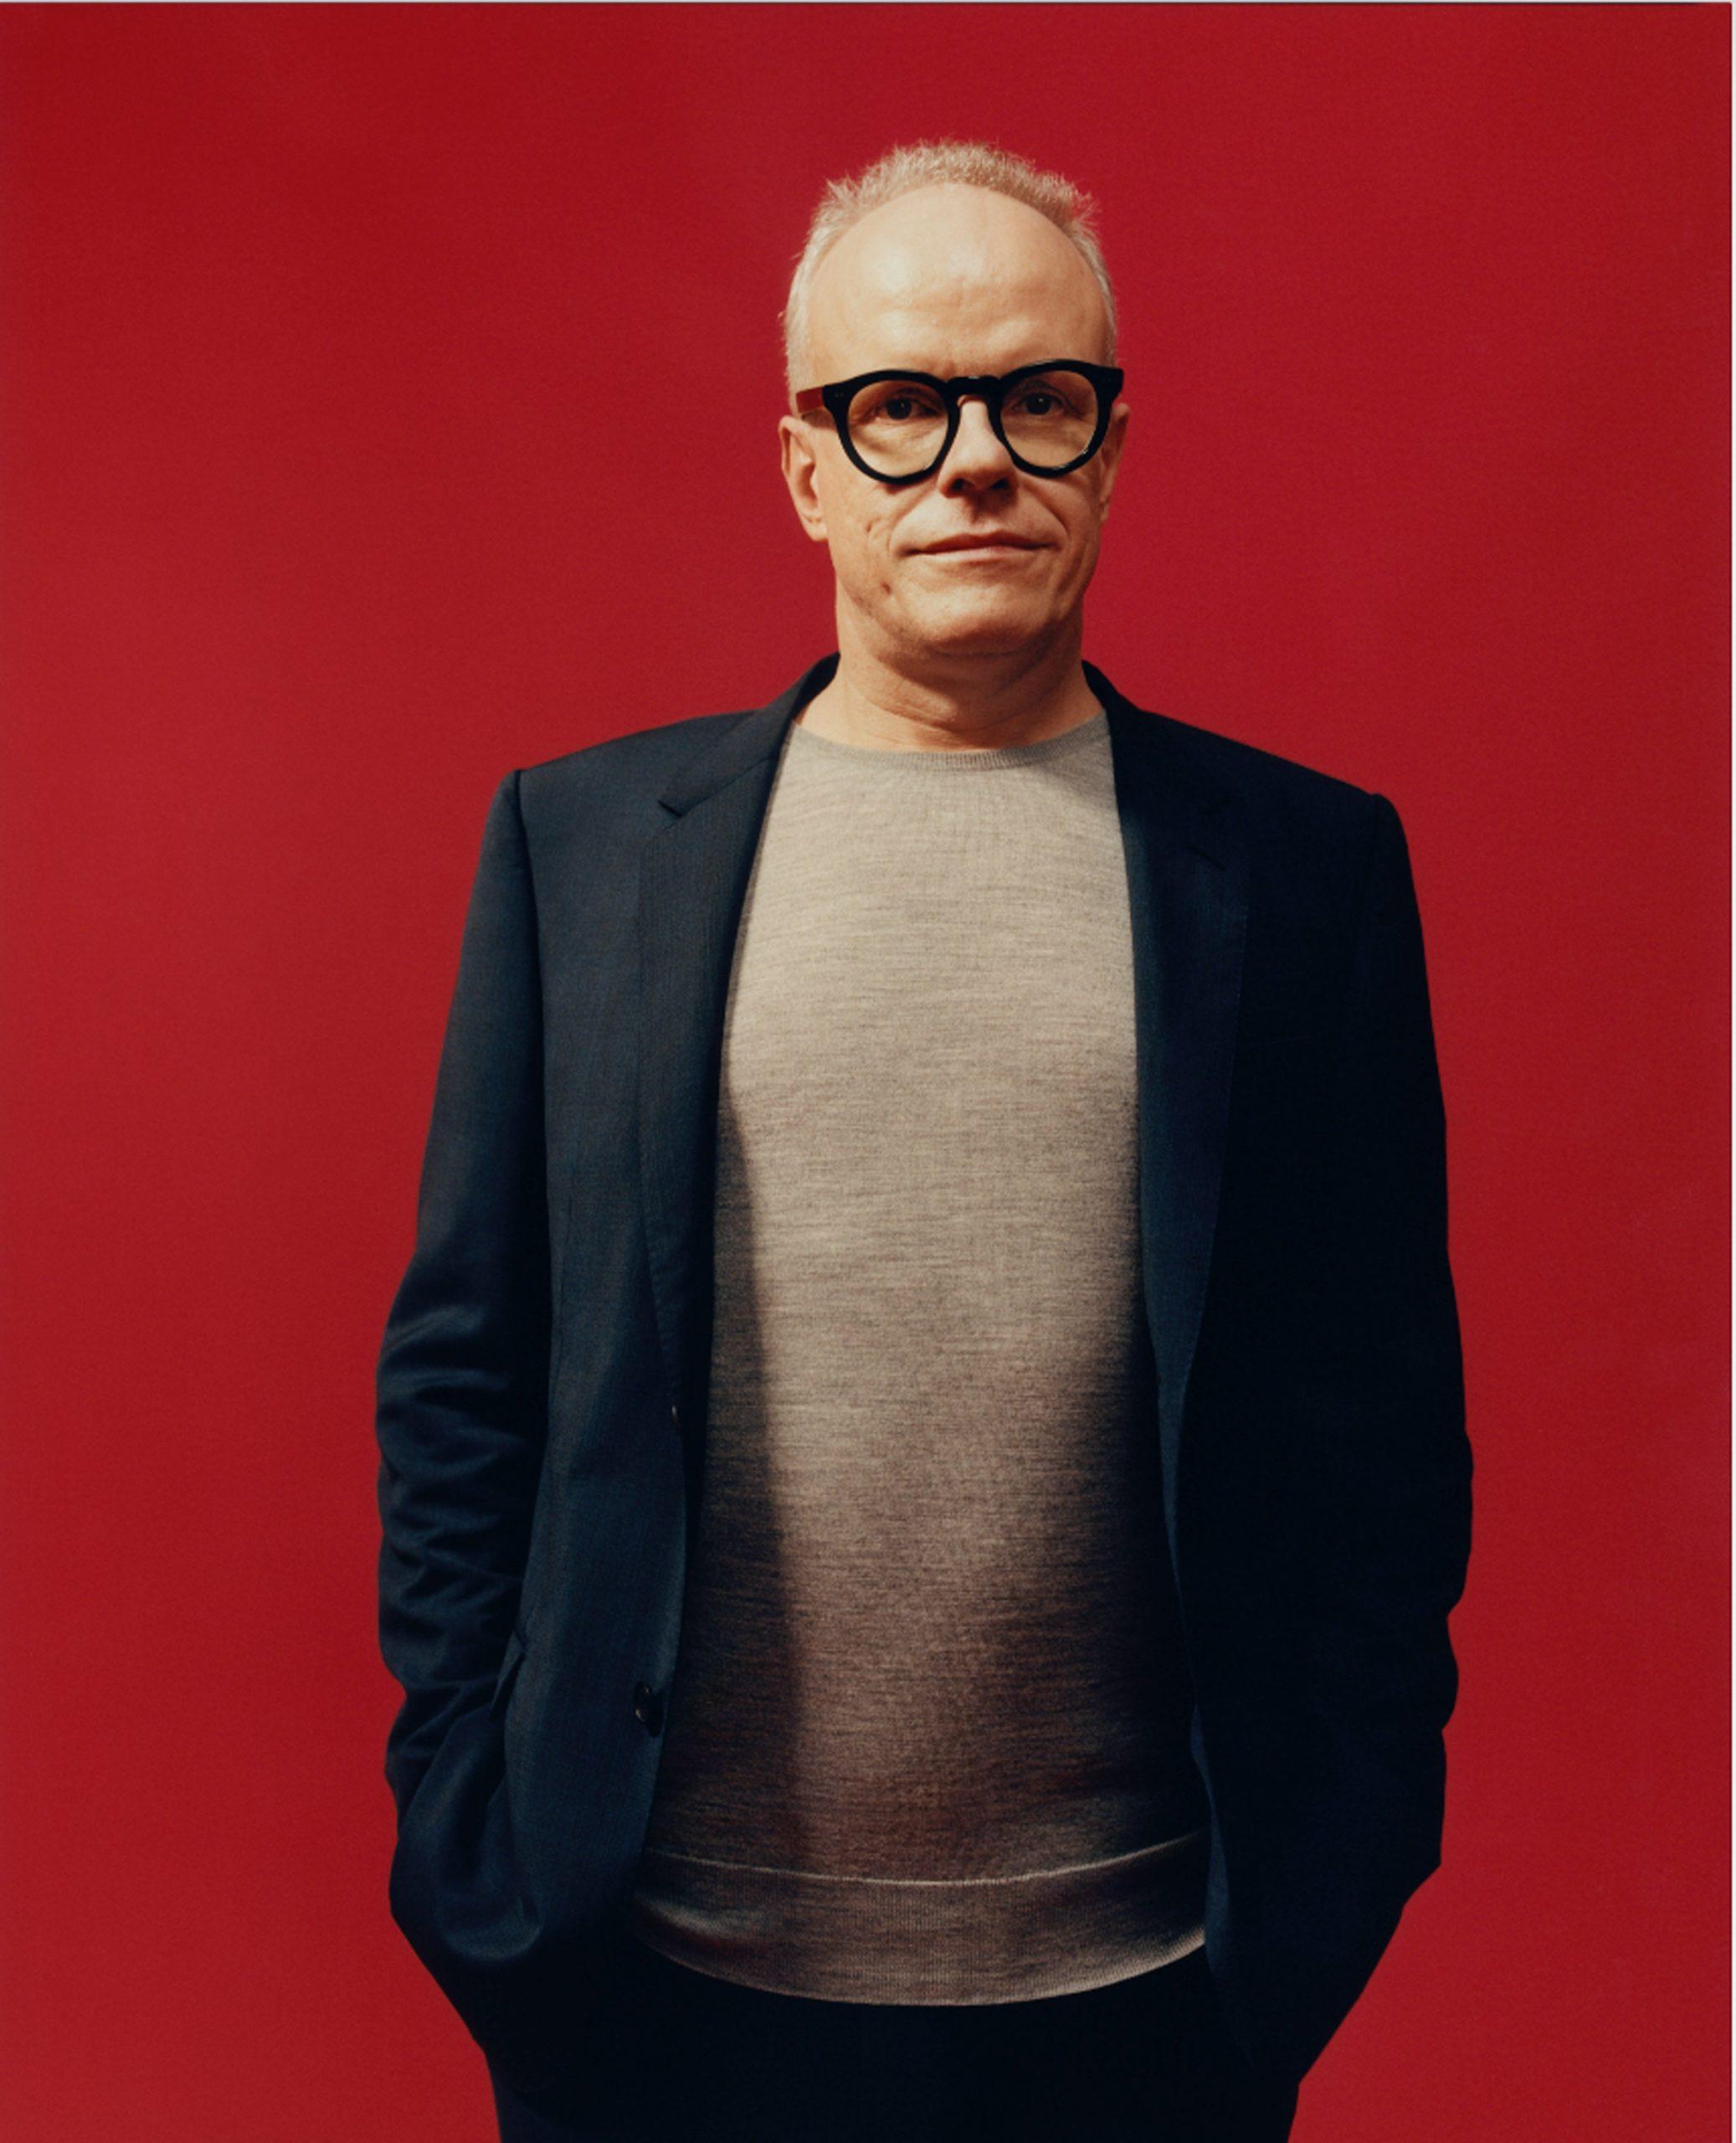 Hans Ulrich Obrist, Serpentine Gallery artistic director, portrait